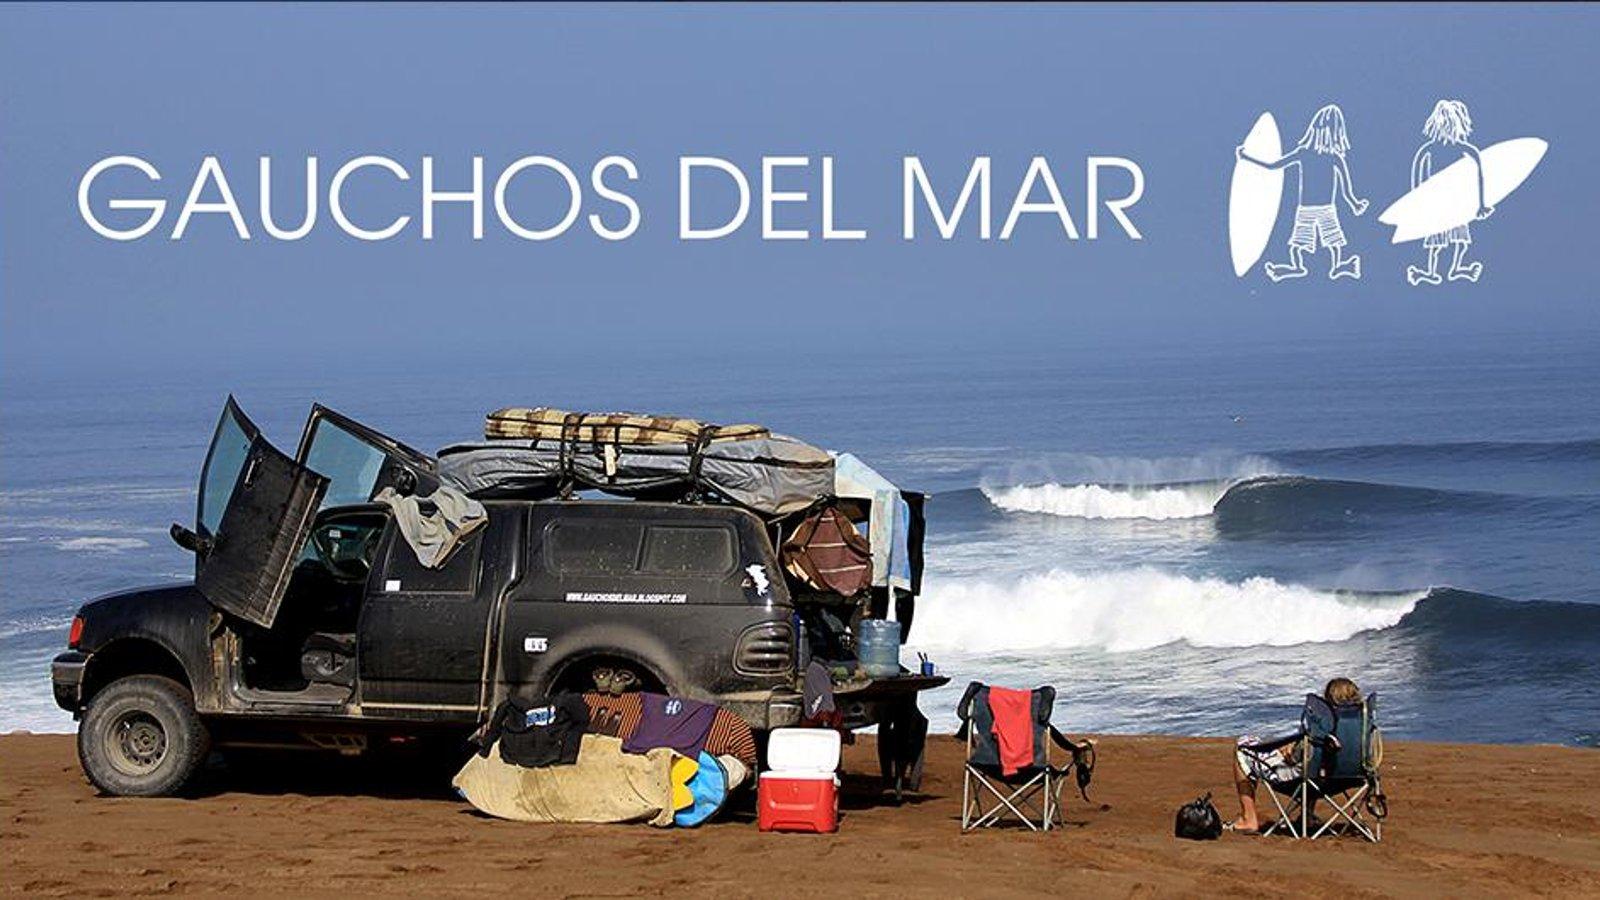 Gauchos Del Mar Surfing the American Pacific